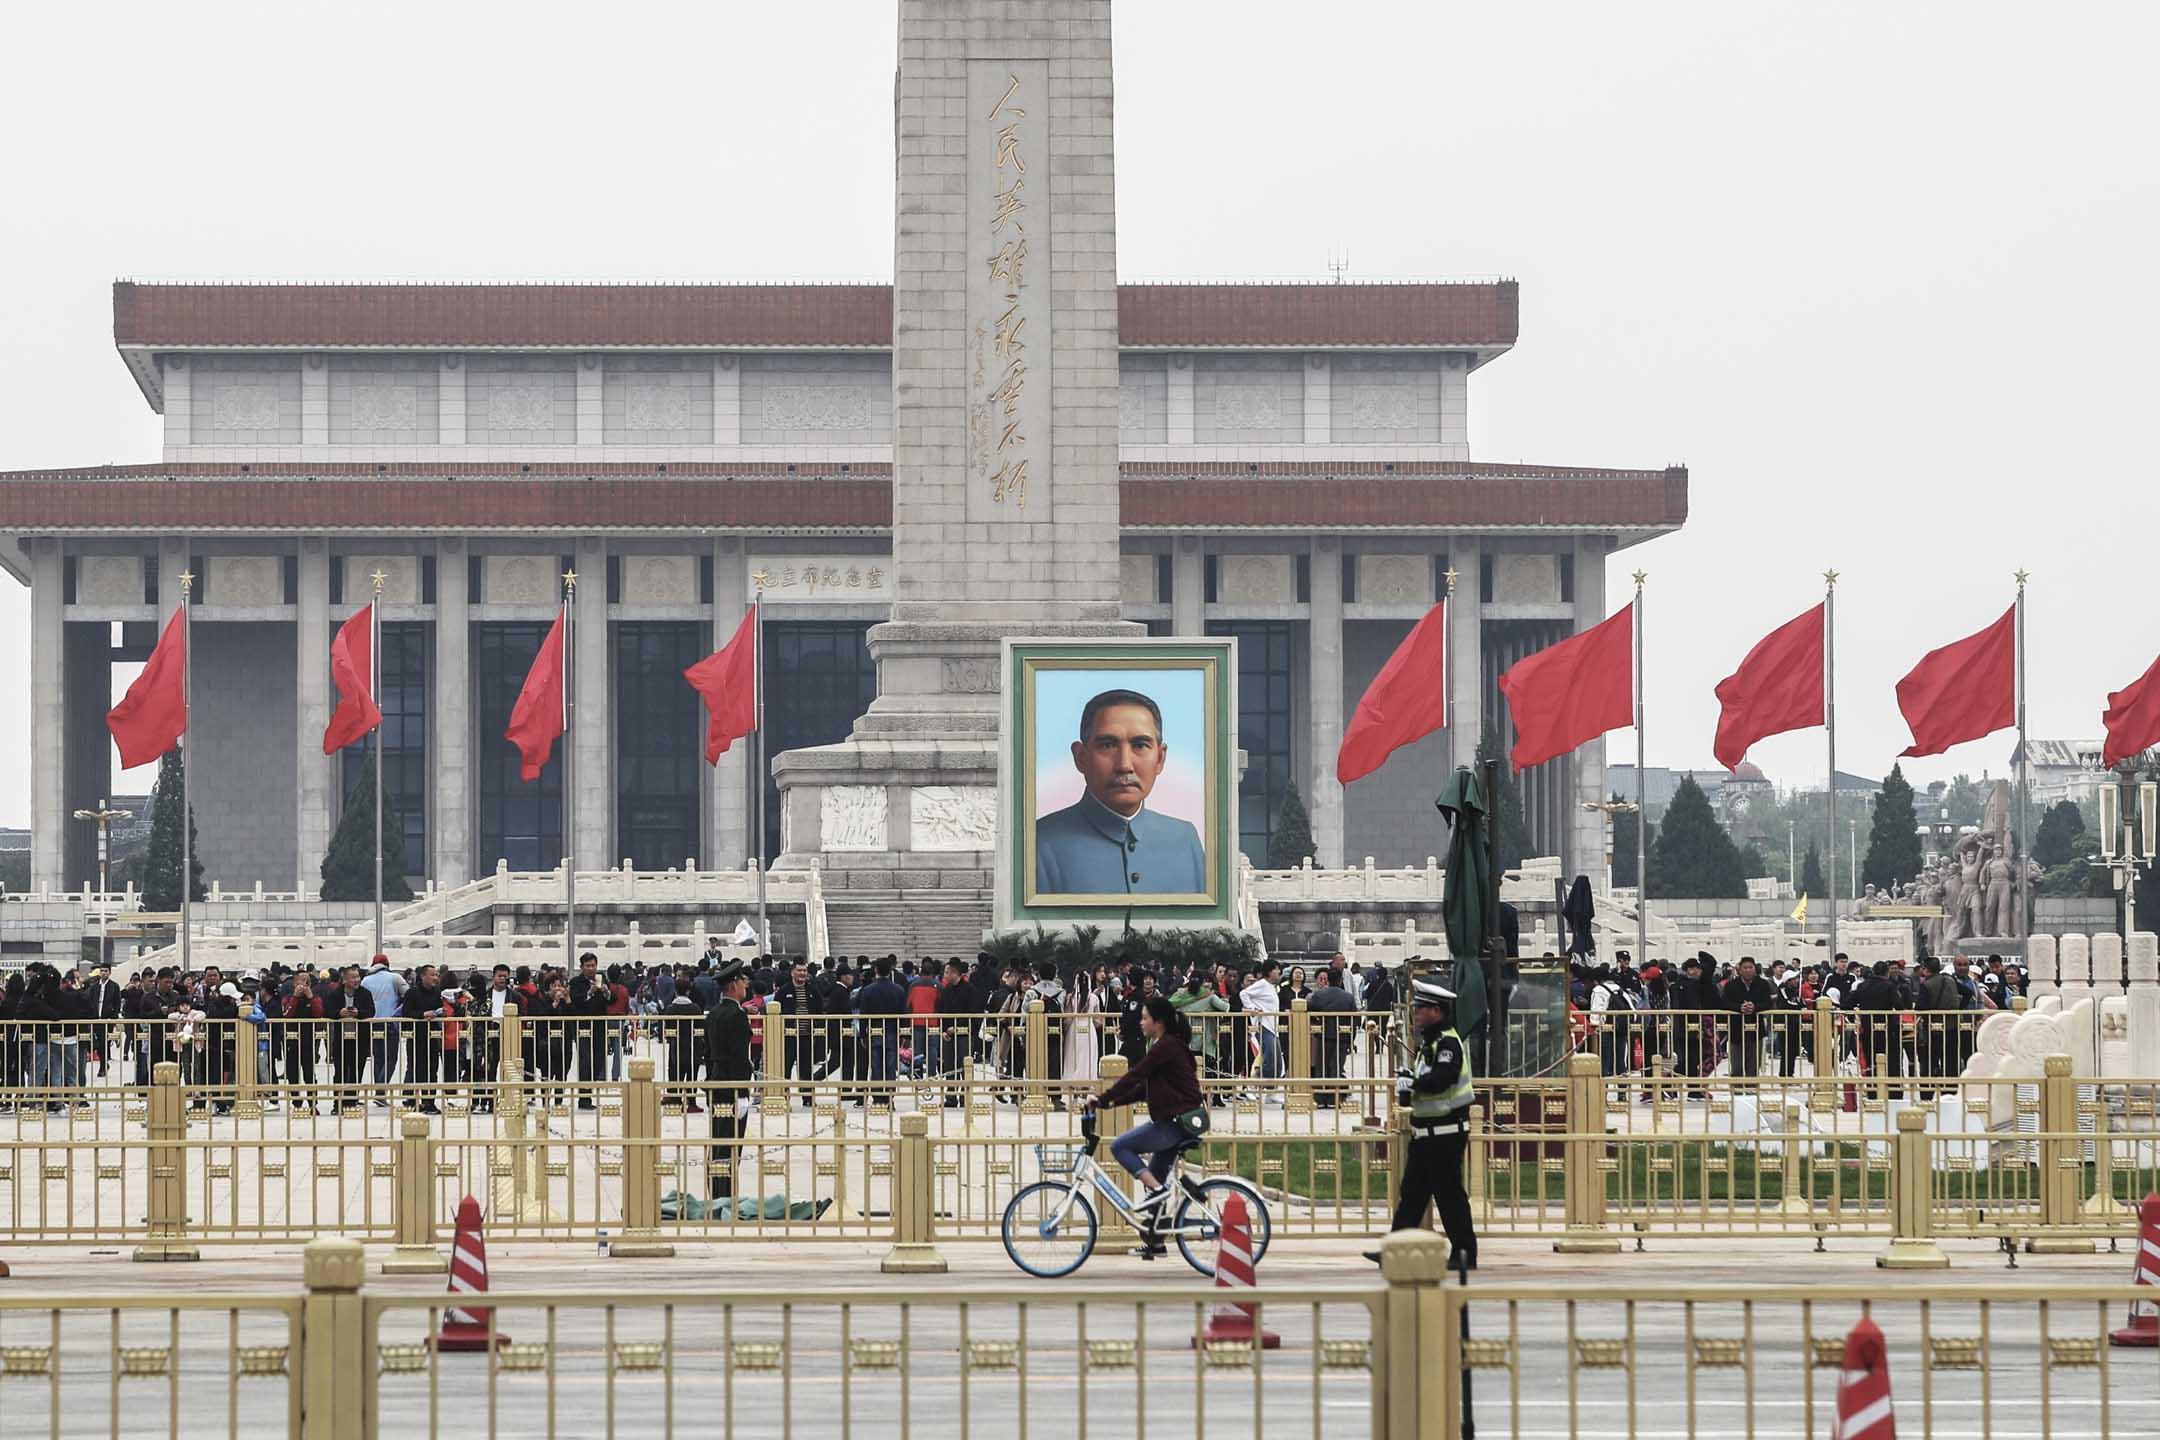 2019年4月28日,北京,孫中山巨幅畫像亮相天安門廣場,迎接即將到來的「五一」國際勞動節。 圖:IC photo